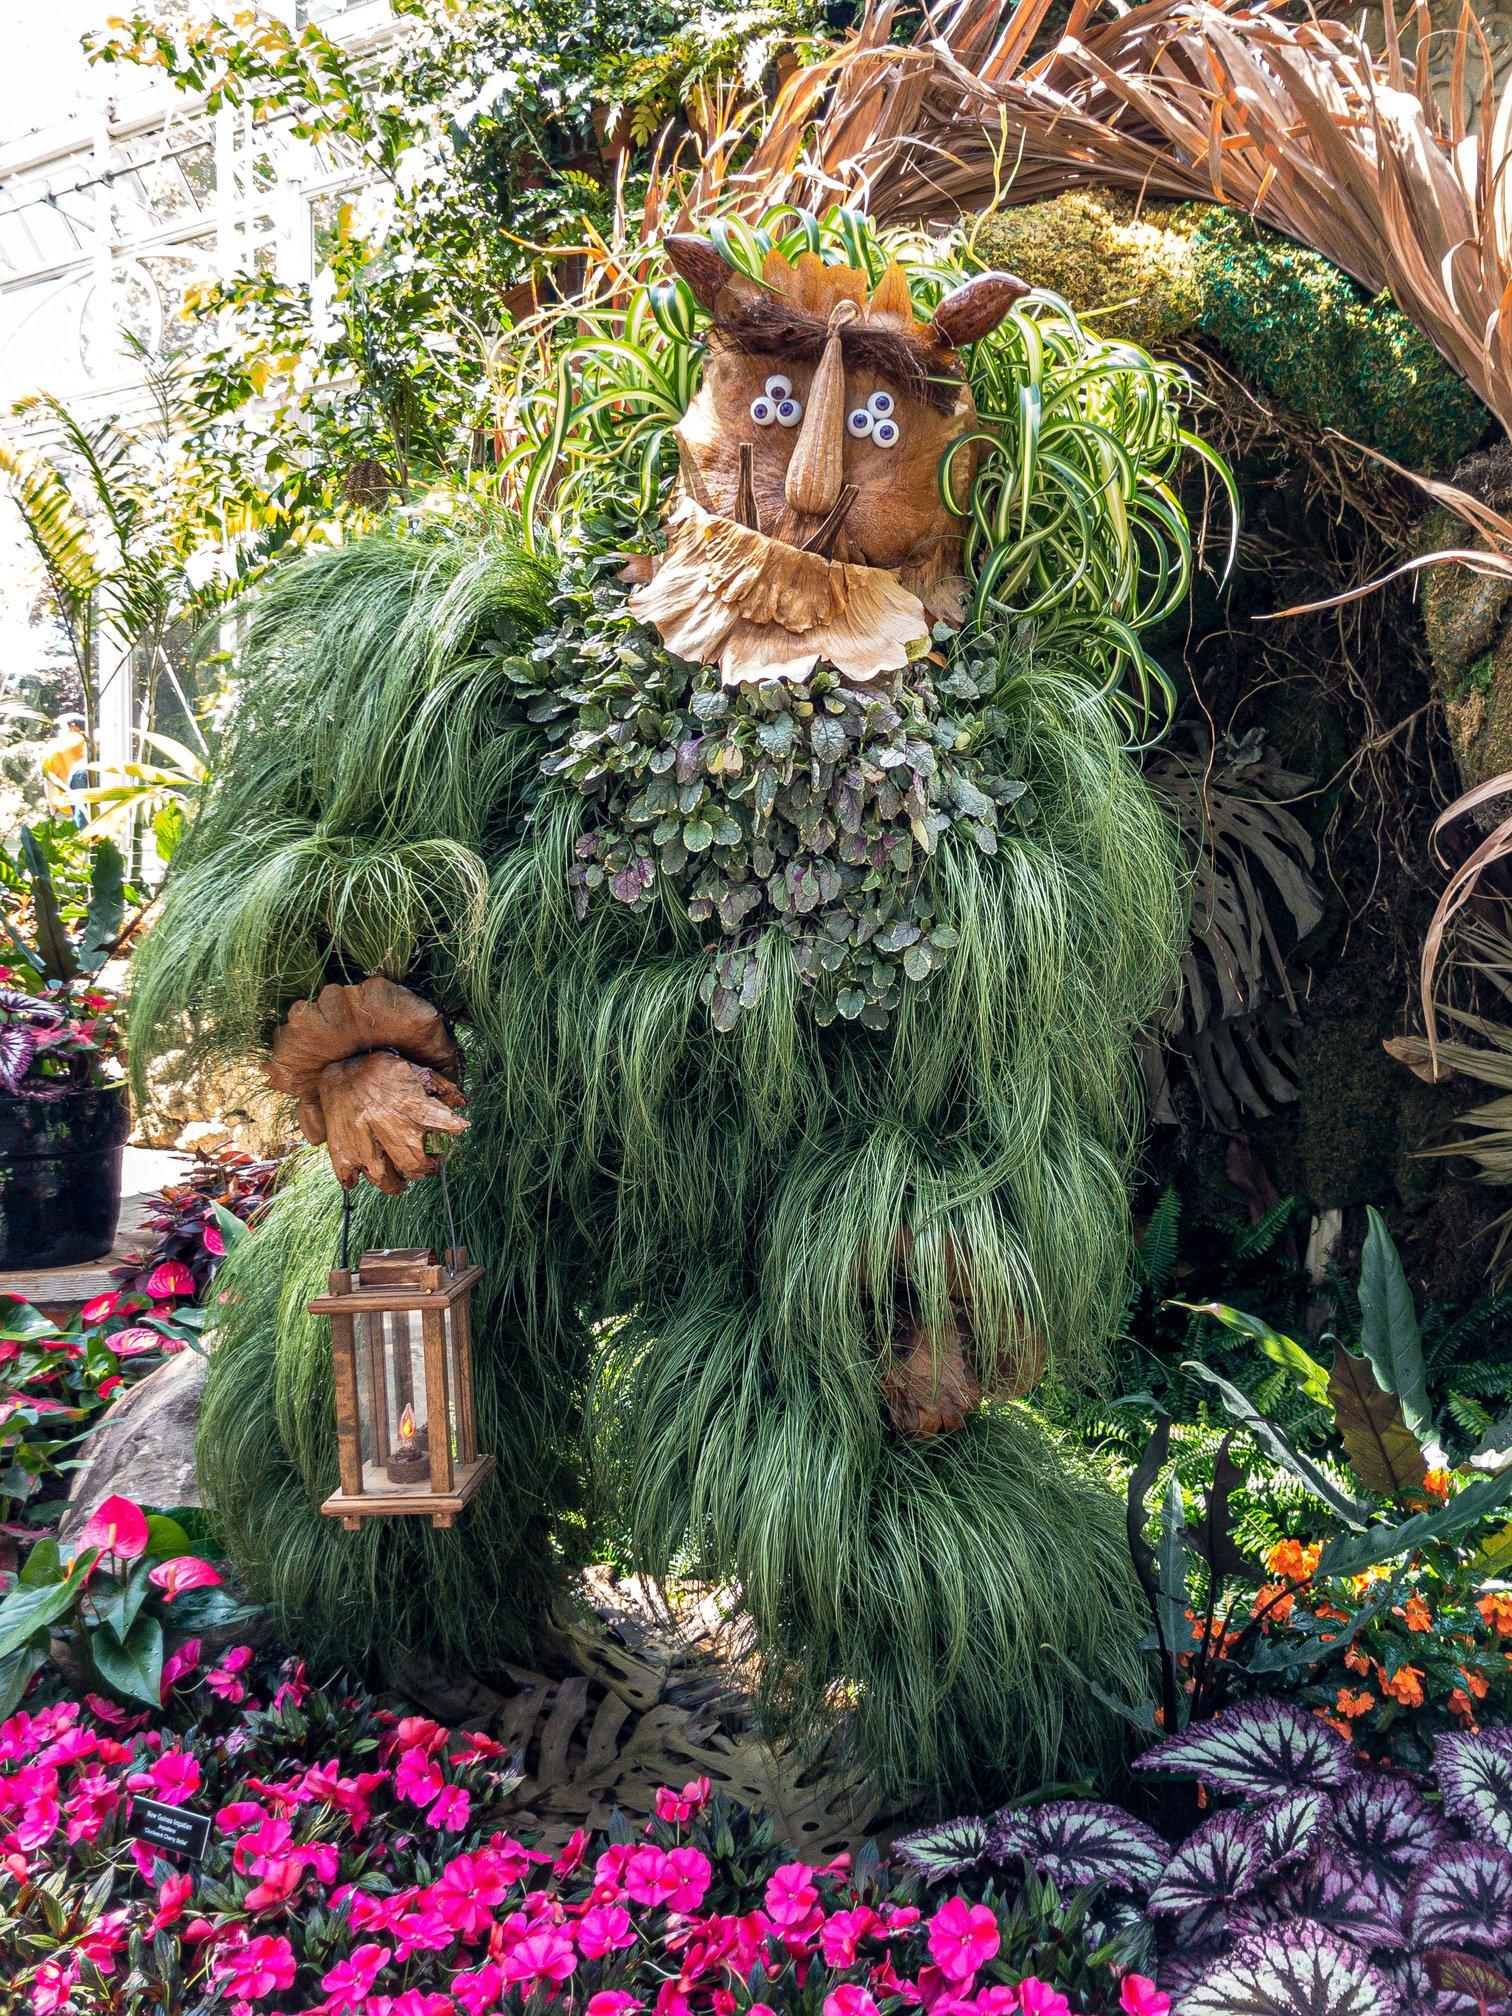 Floral Troll